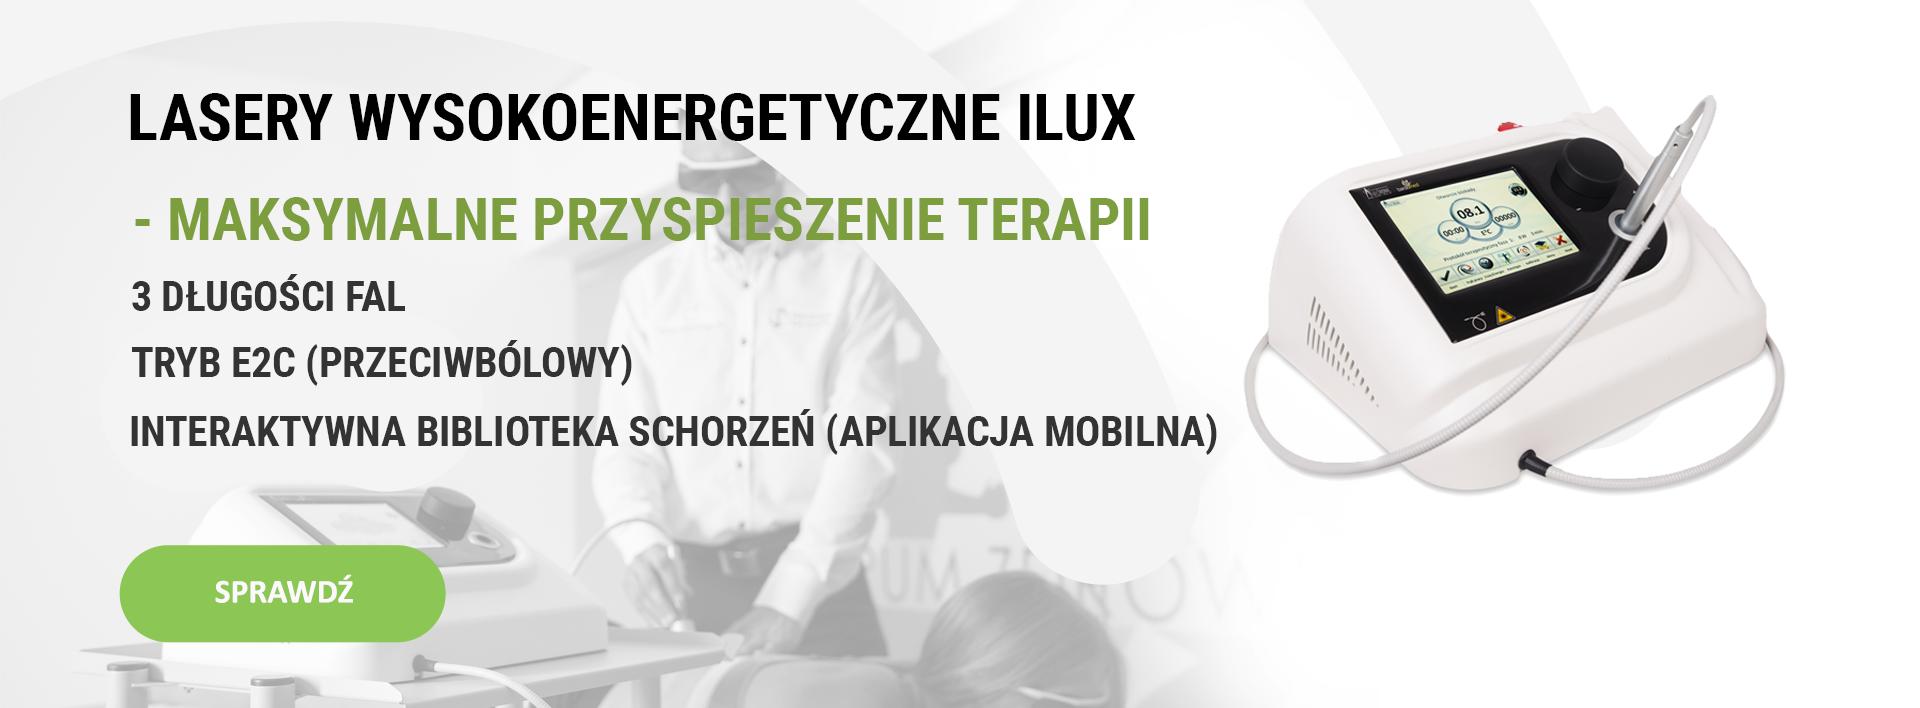 Lasery wysokoenergetyczne iLUX